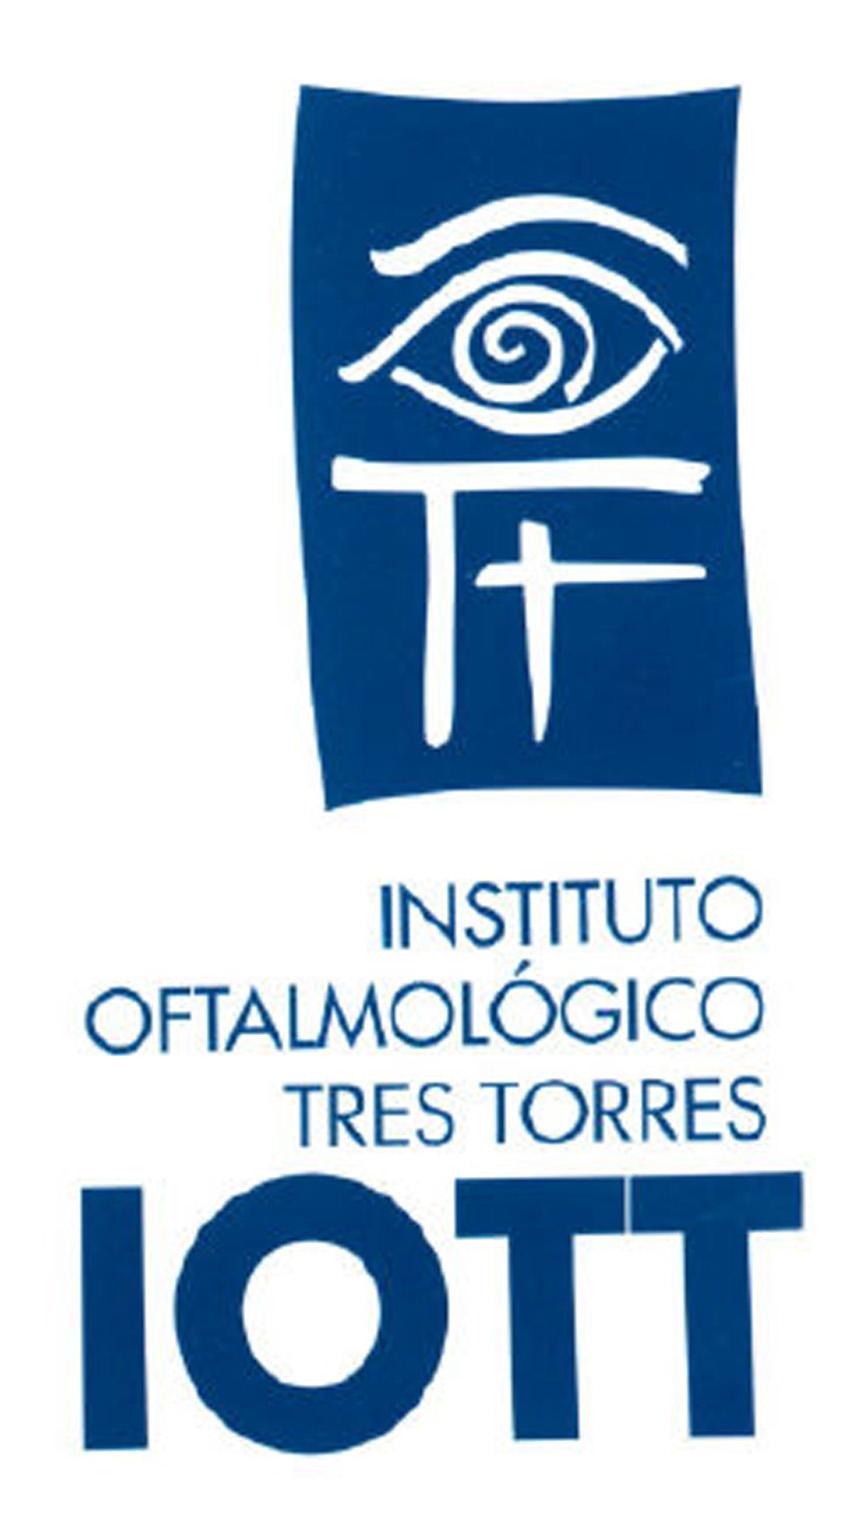 INSTITUTO OFTALMOLÓGICO TRES TORRES IOTT